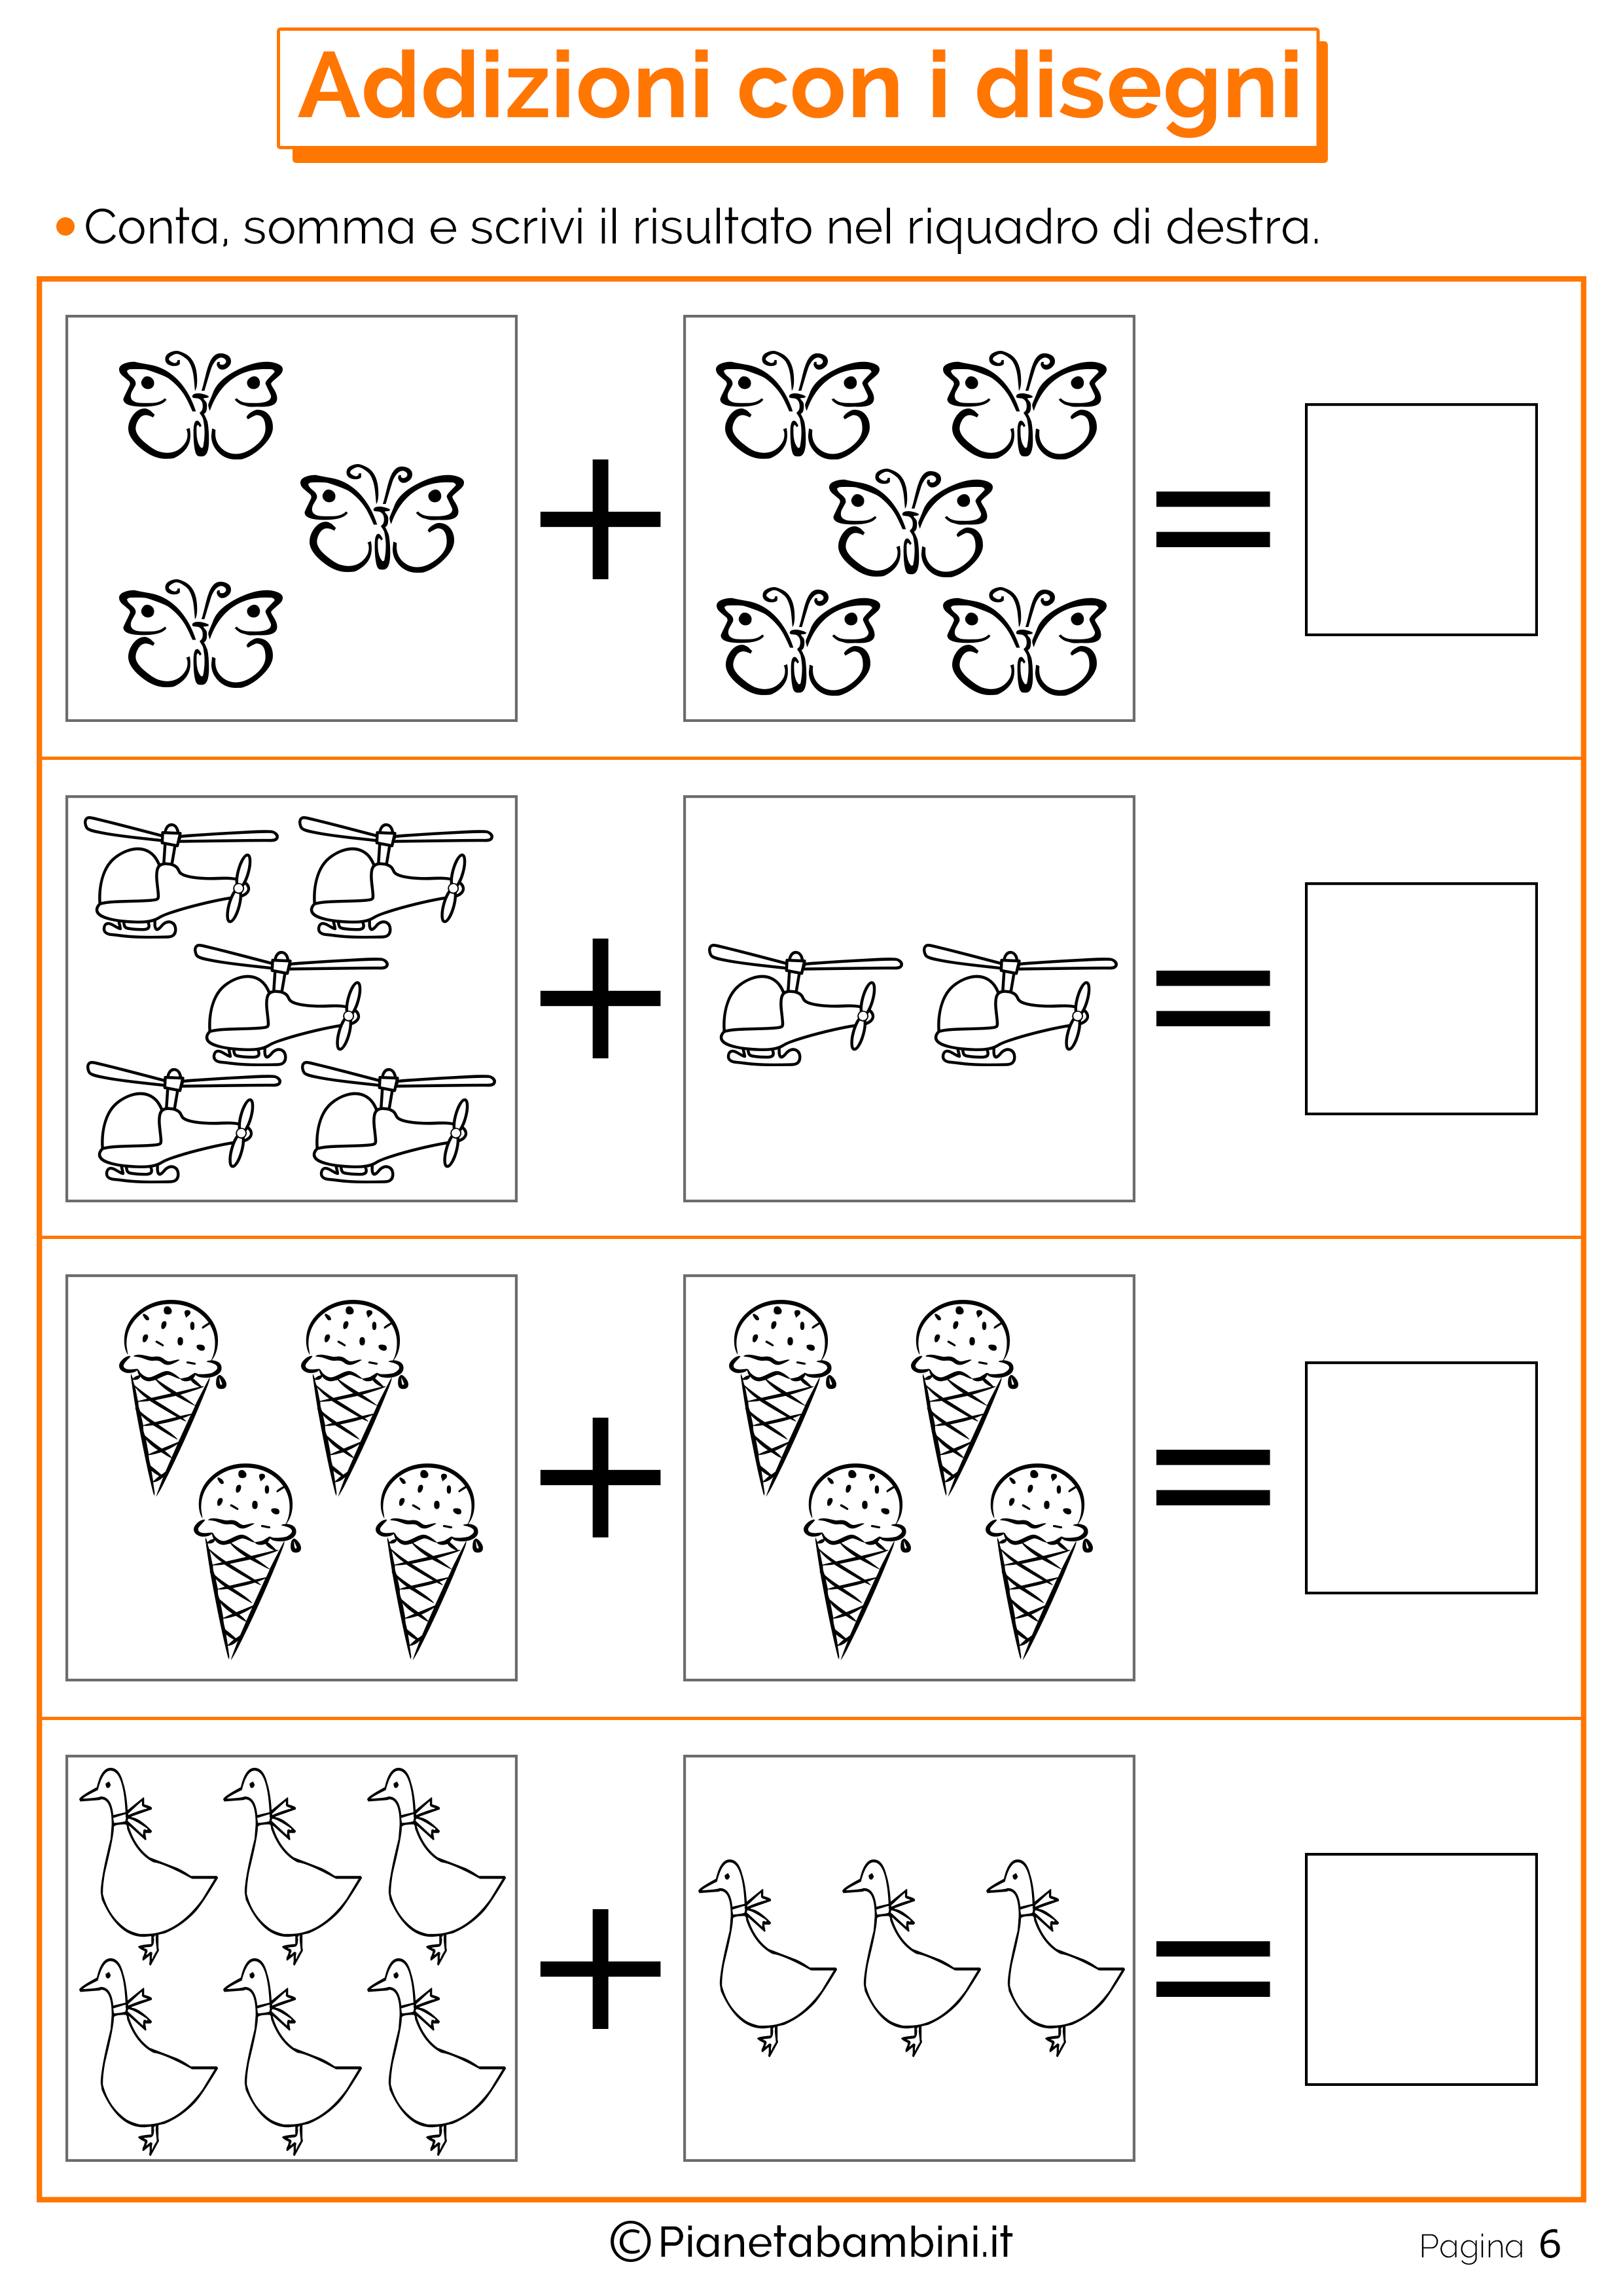 Fabuleux Giochi di Matematica sulle Addizioni per Bambini da Stampare  BN69